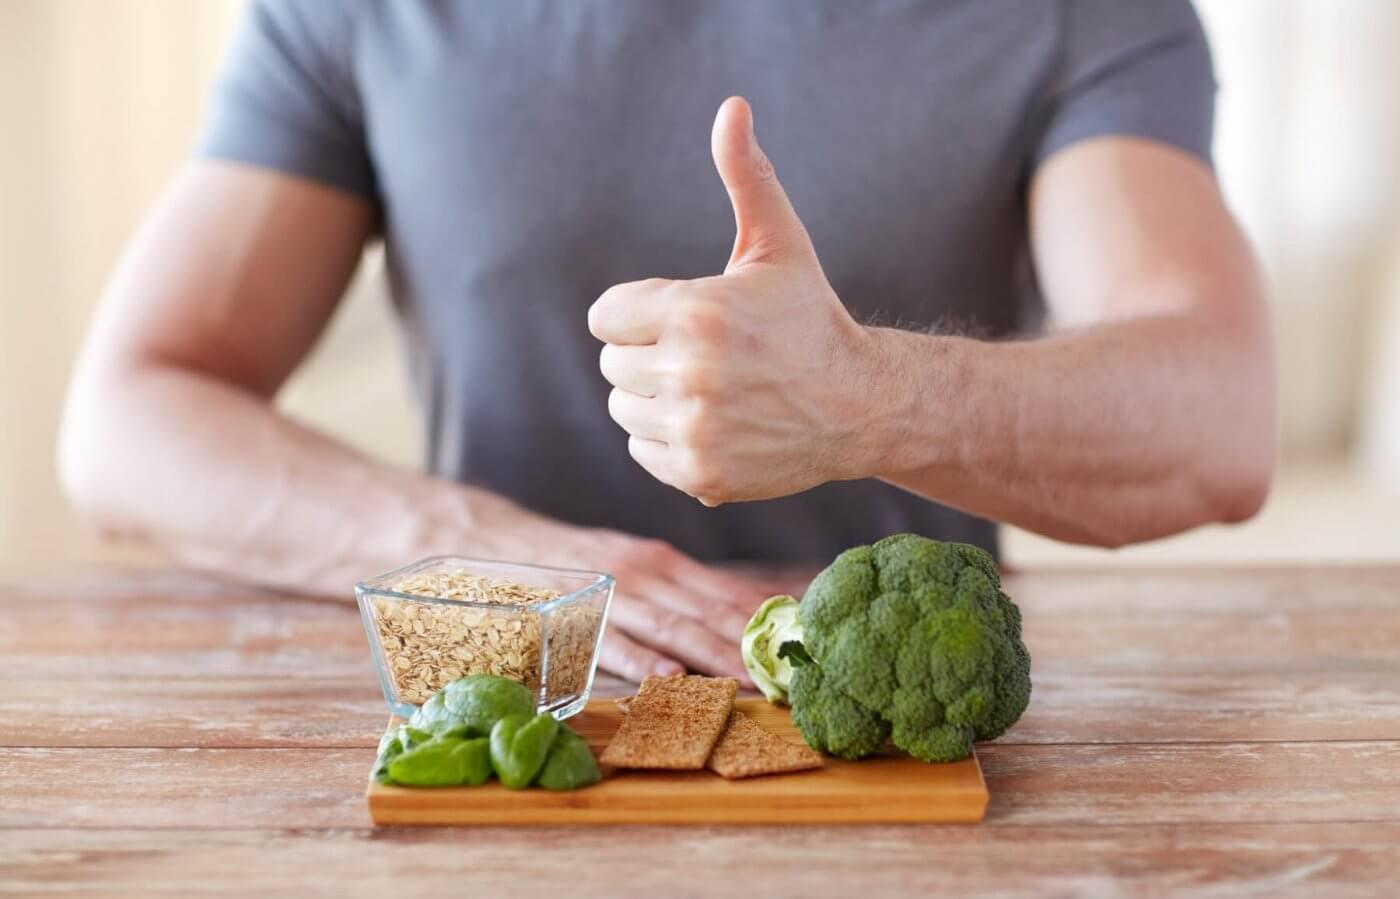 Продукты для эрекции: что нужно есть чтобы стоял член (какие ягоды, фрукты, орехи), пример меню